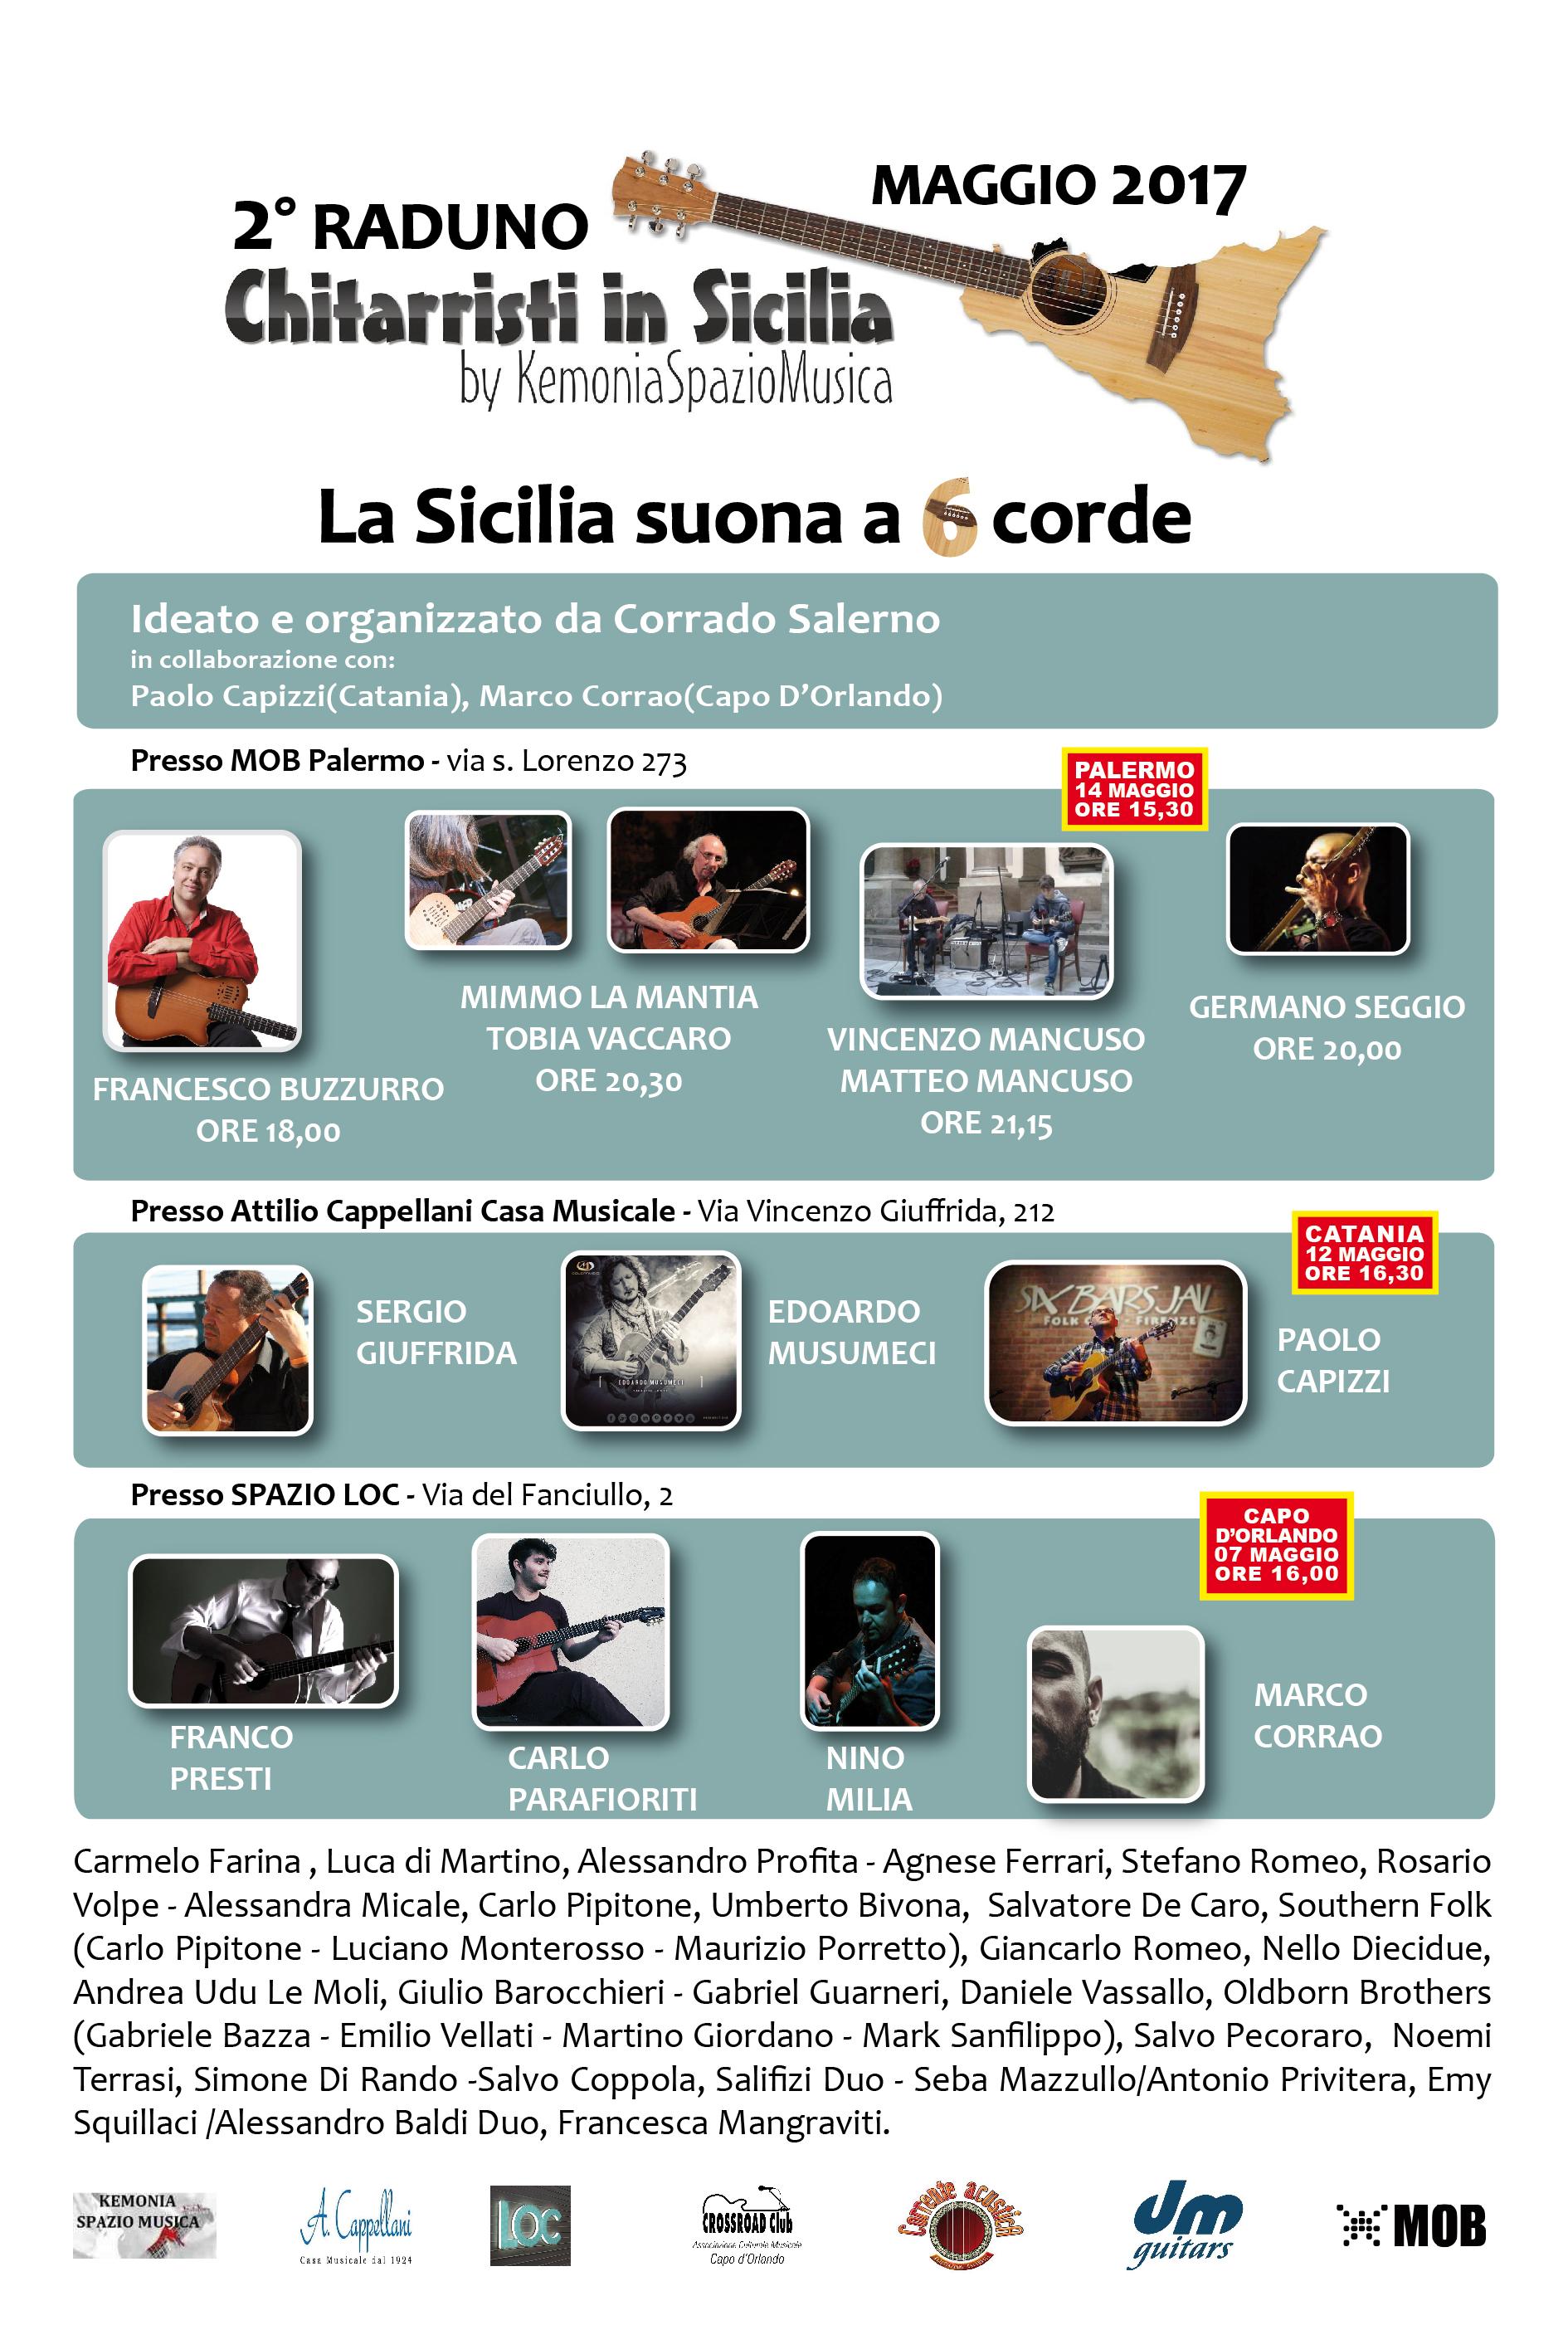 """2° Raduno Chitarristi in Sicilia by KemoniaSpazioMusica - """"La Sicilia suona a 6 Corde"""""""